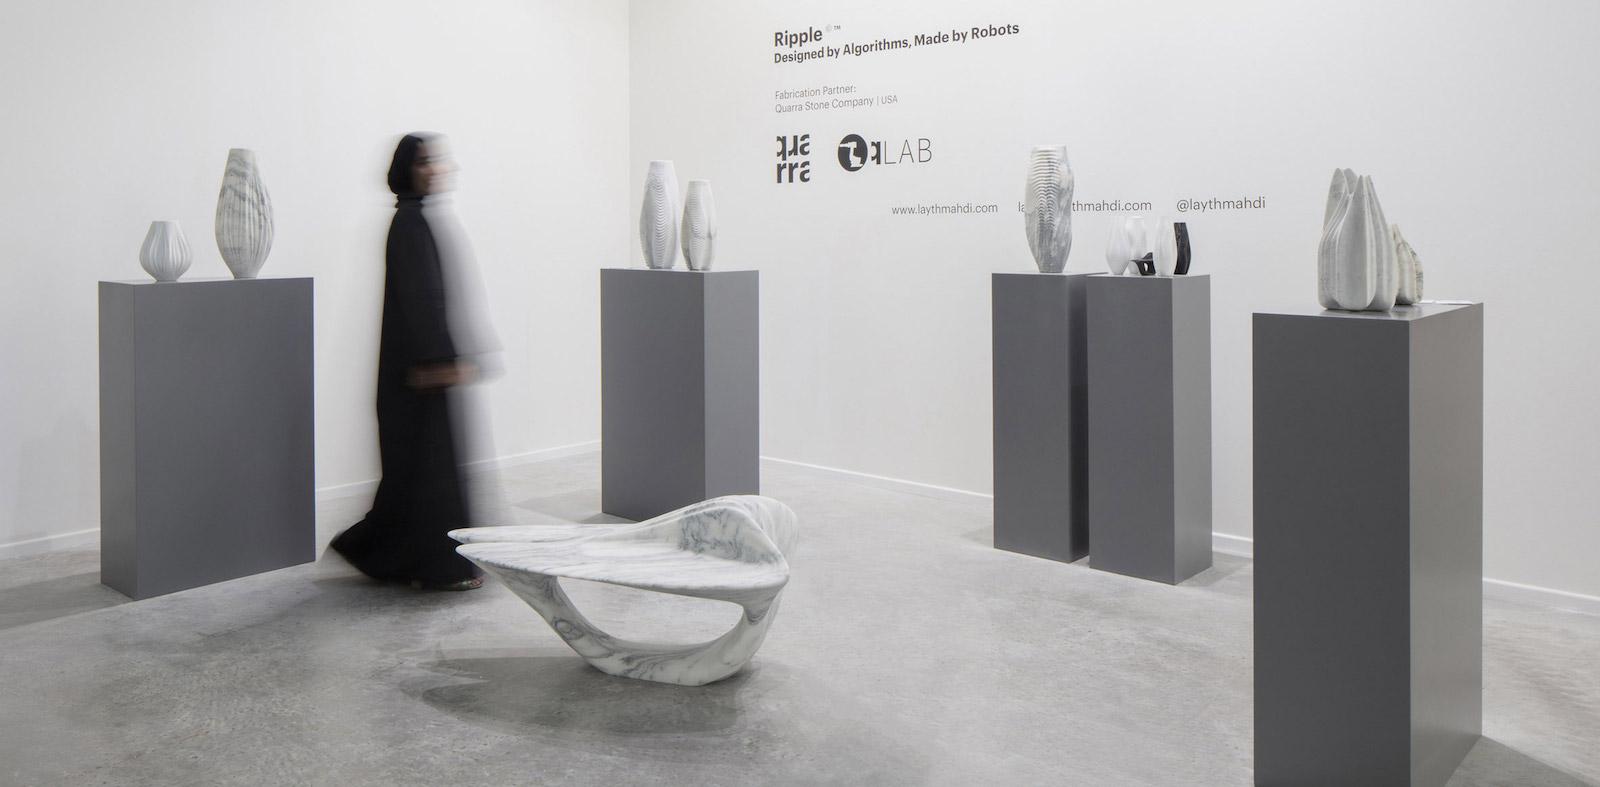 Mramorová kolekce Ripple byla navržena pomocí strojově řízeného designu